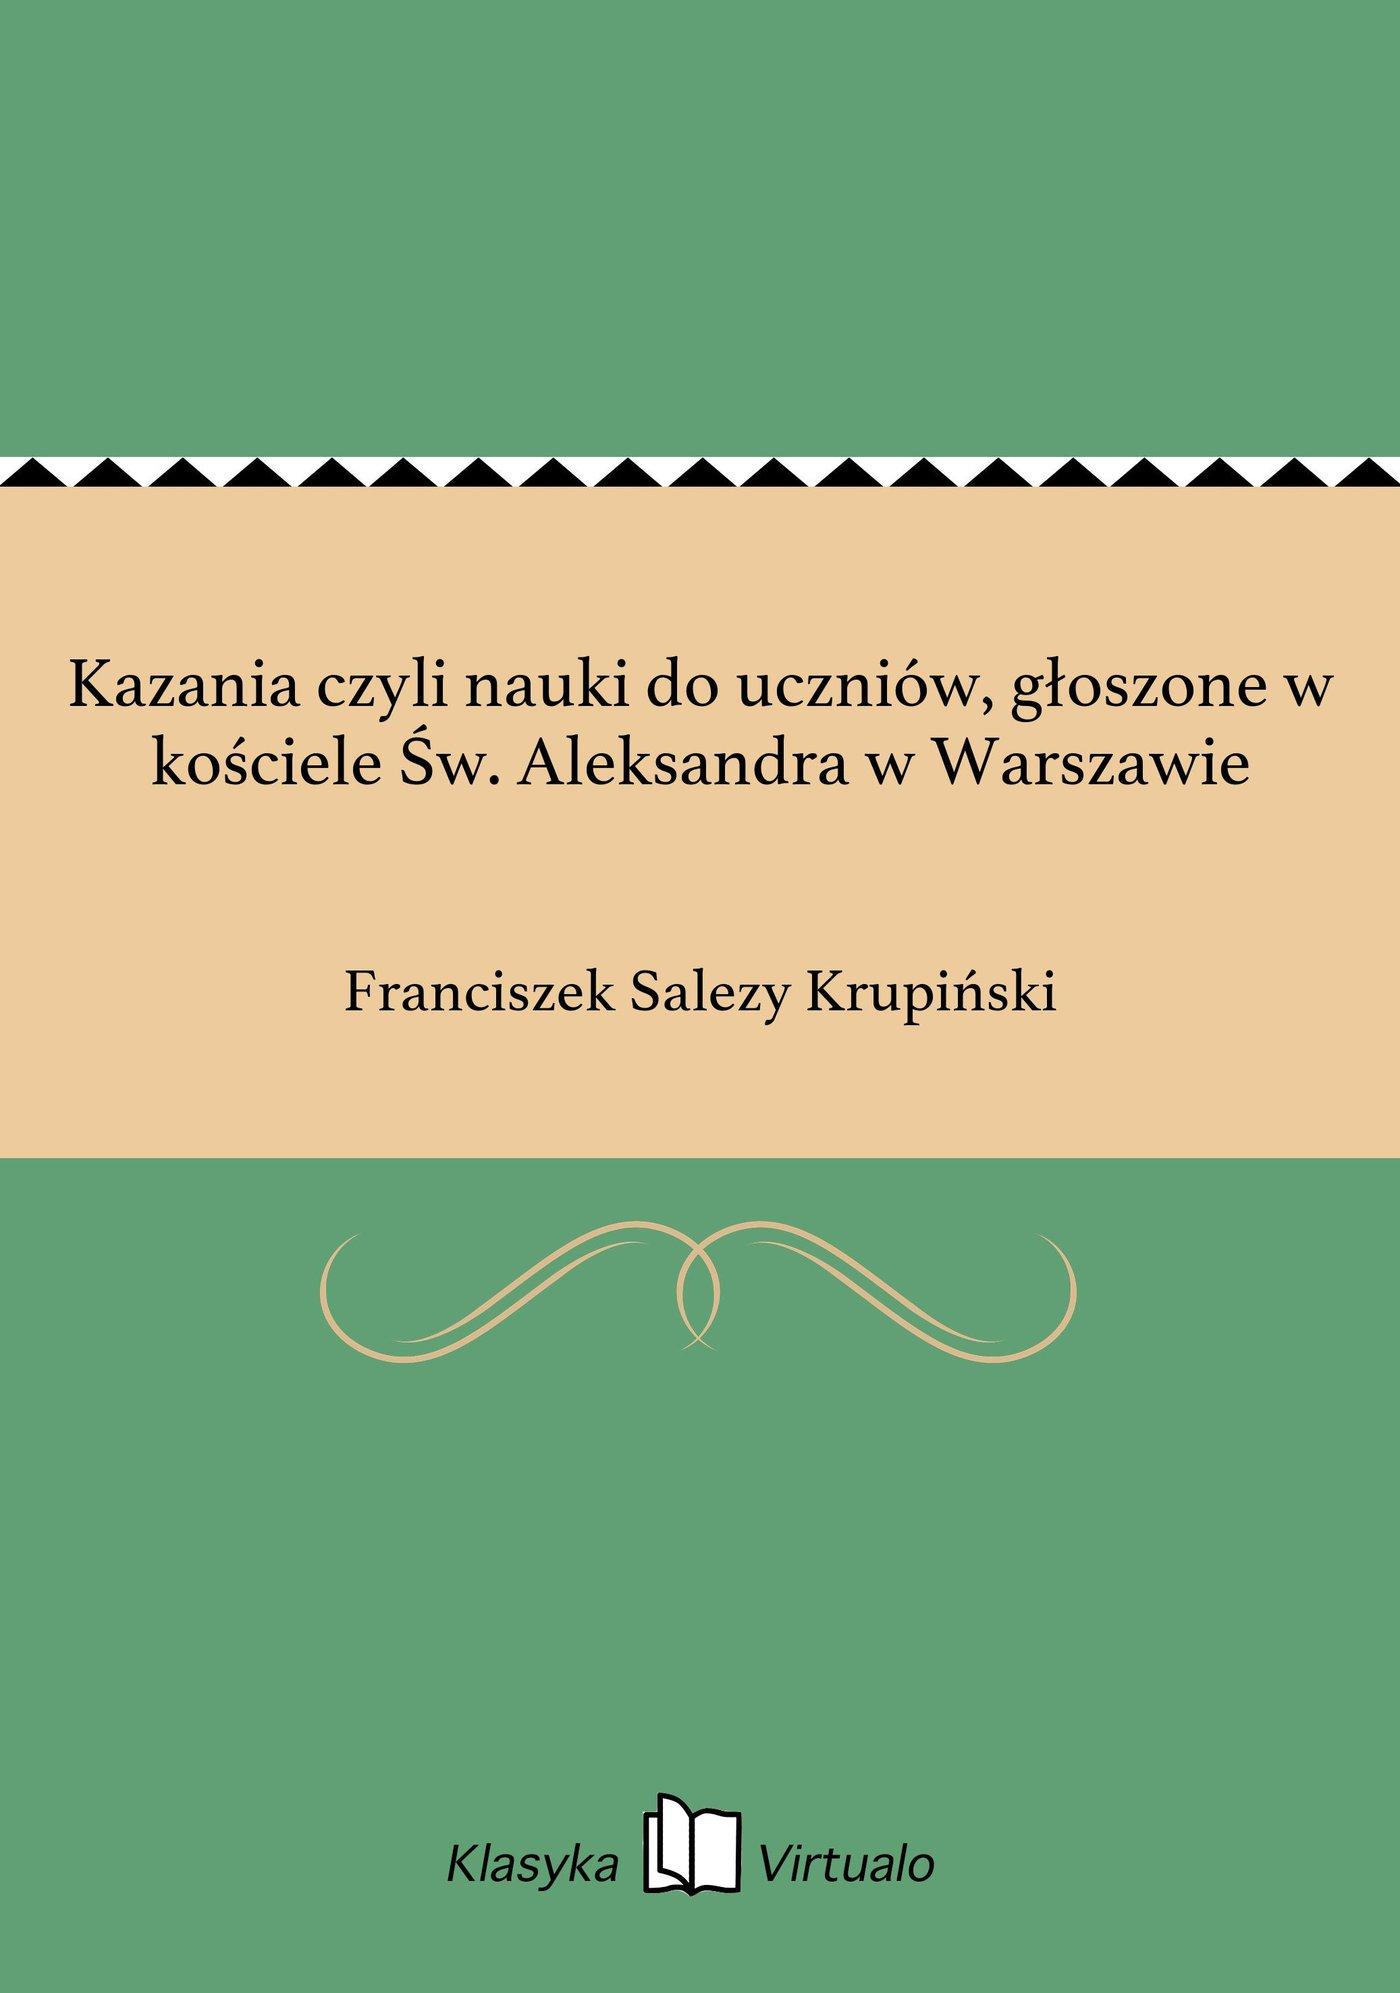 Kazania czyli nauki do uczniów, głoszone w kościele Św. Aleksandra w Warszawie - Ebook (Książka EPUB) do pobrania w formacie EPUB